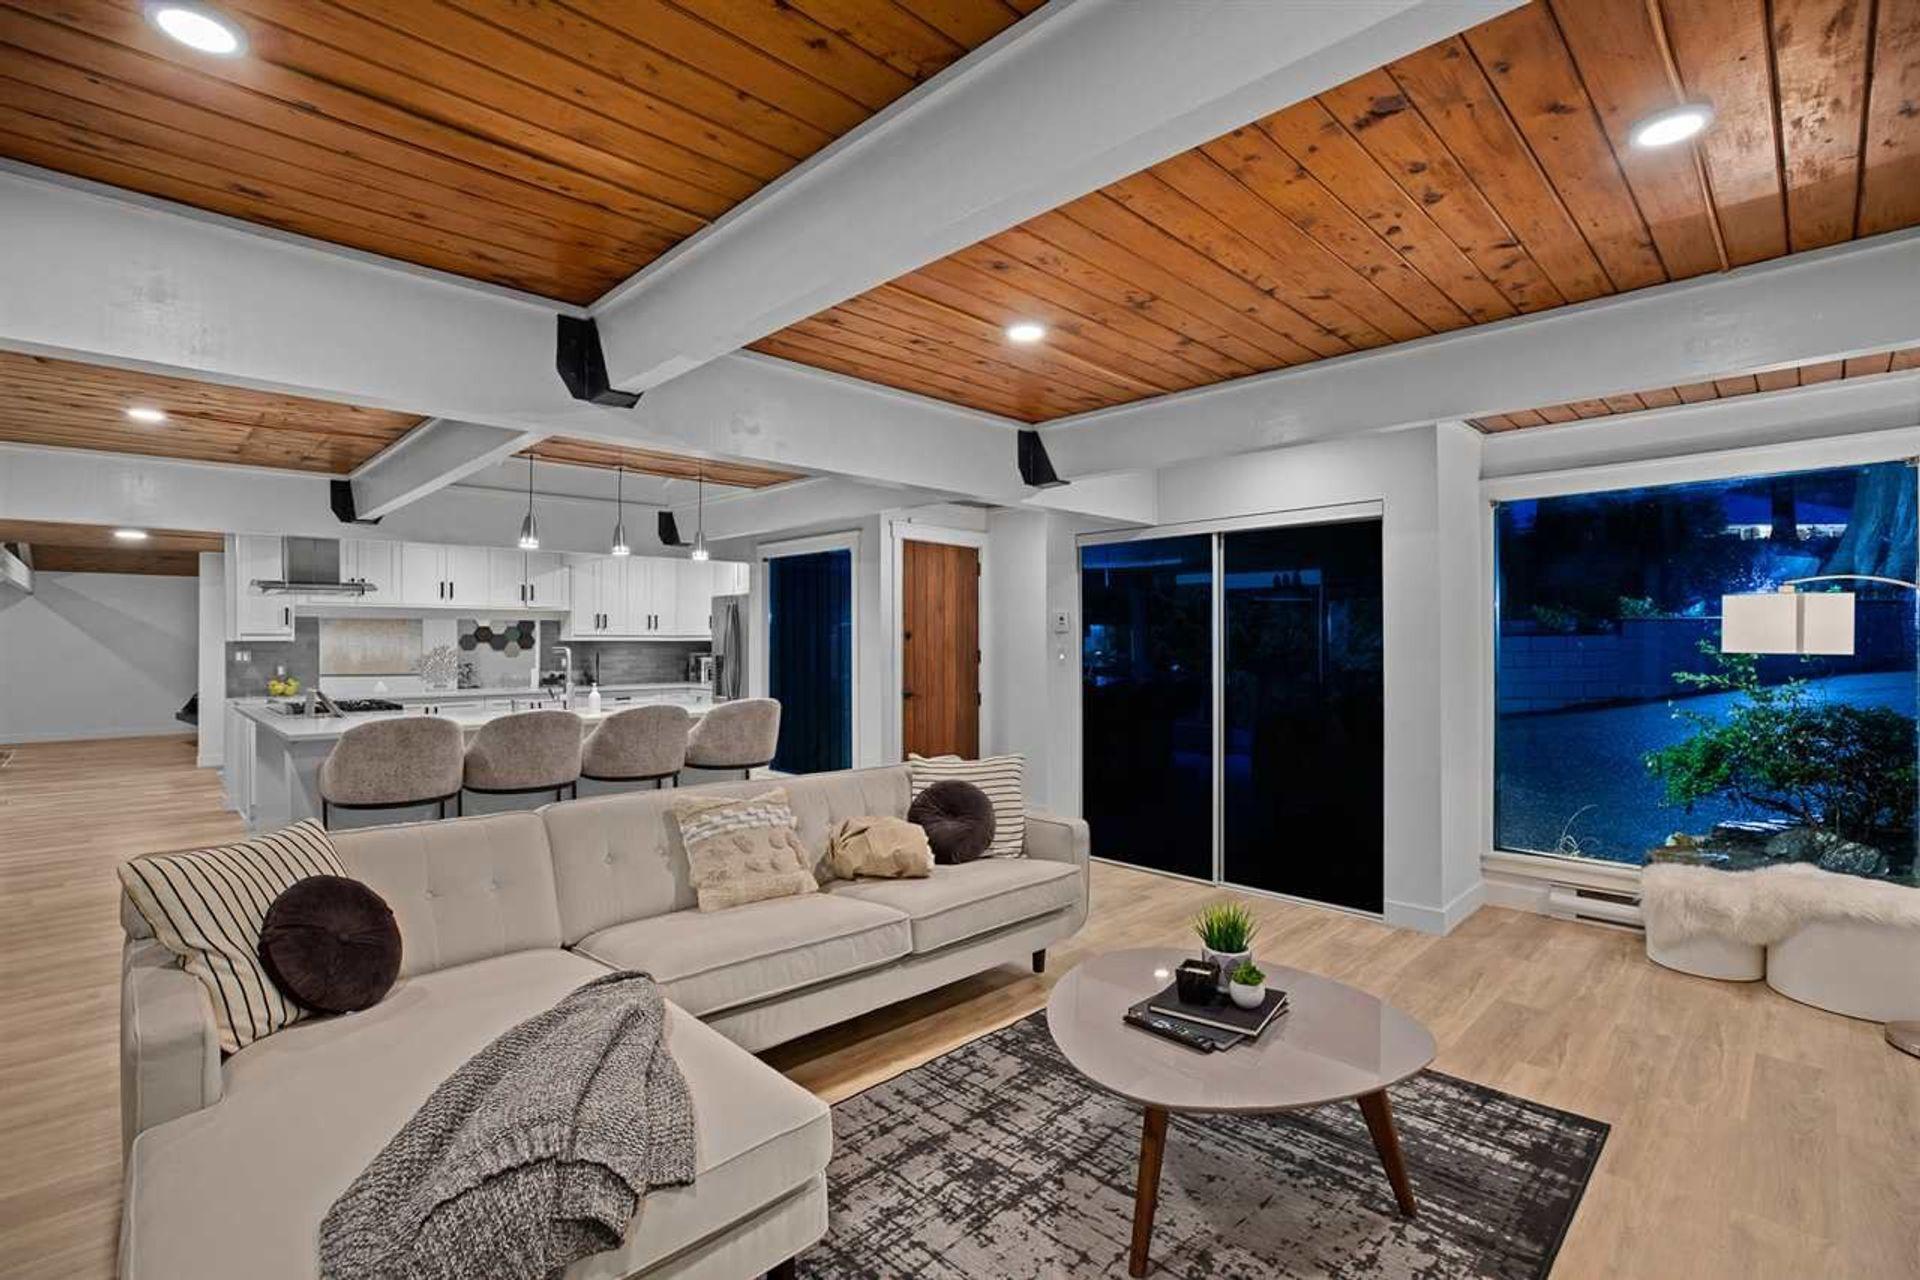 530-hadden-drive-british-properties-west-vancouver-19 at 530 Hadden Drive, British Properties, West Vancouver